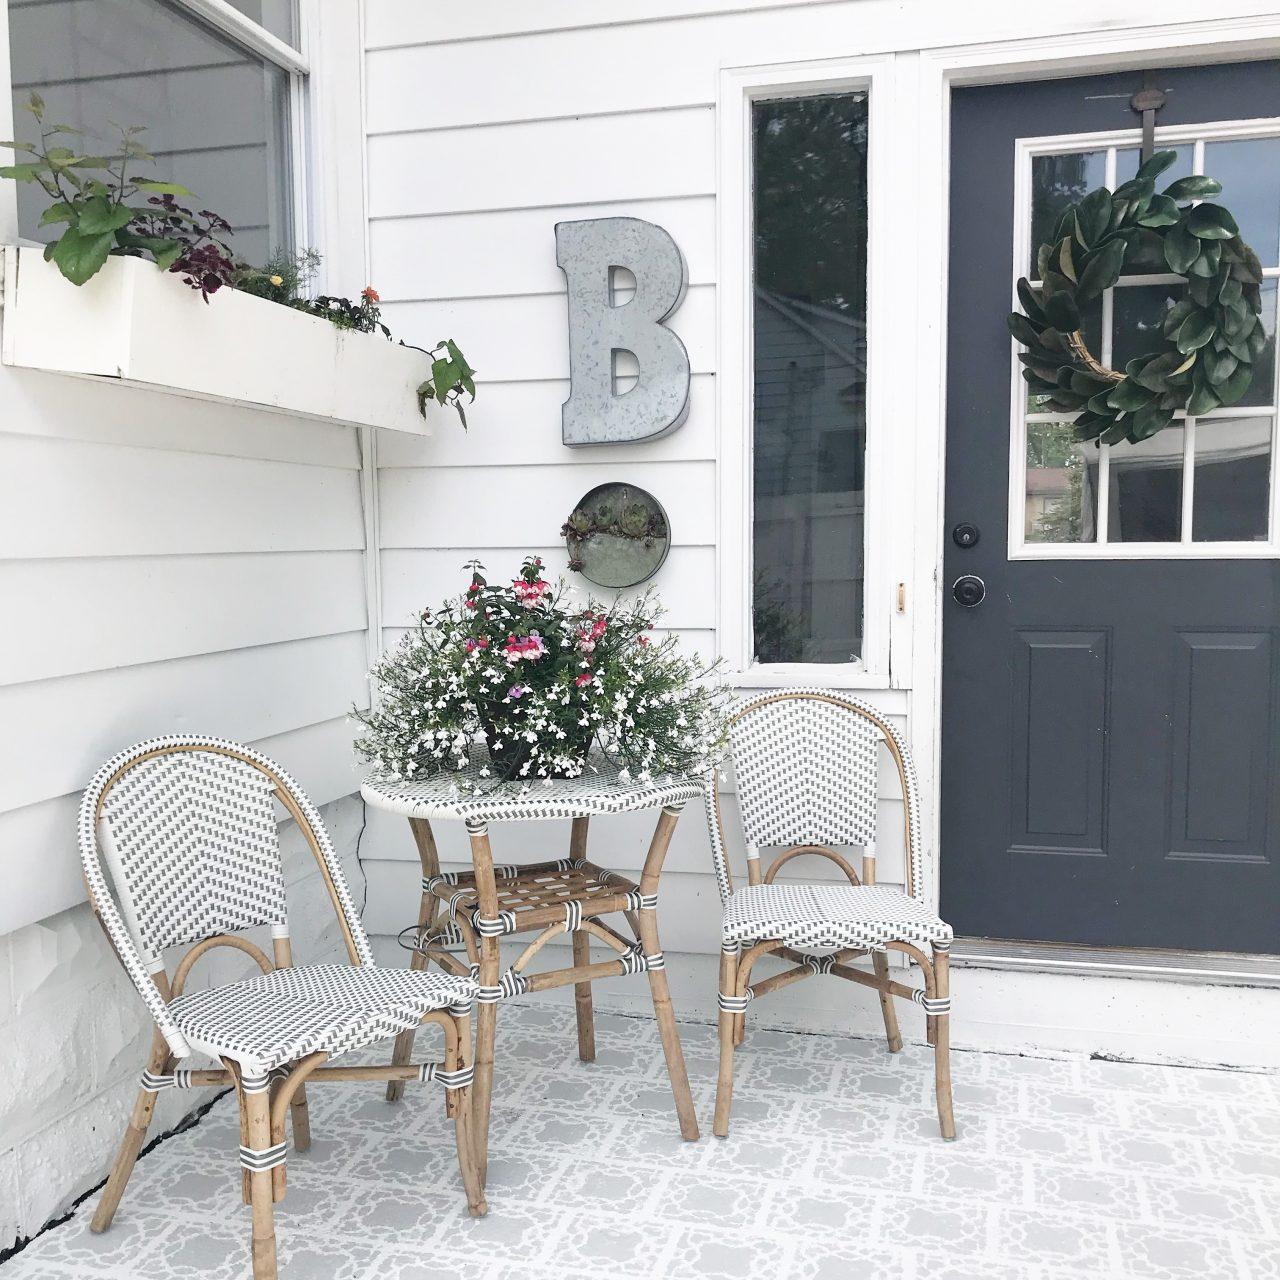 DIY Stenciled Porch